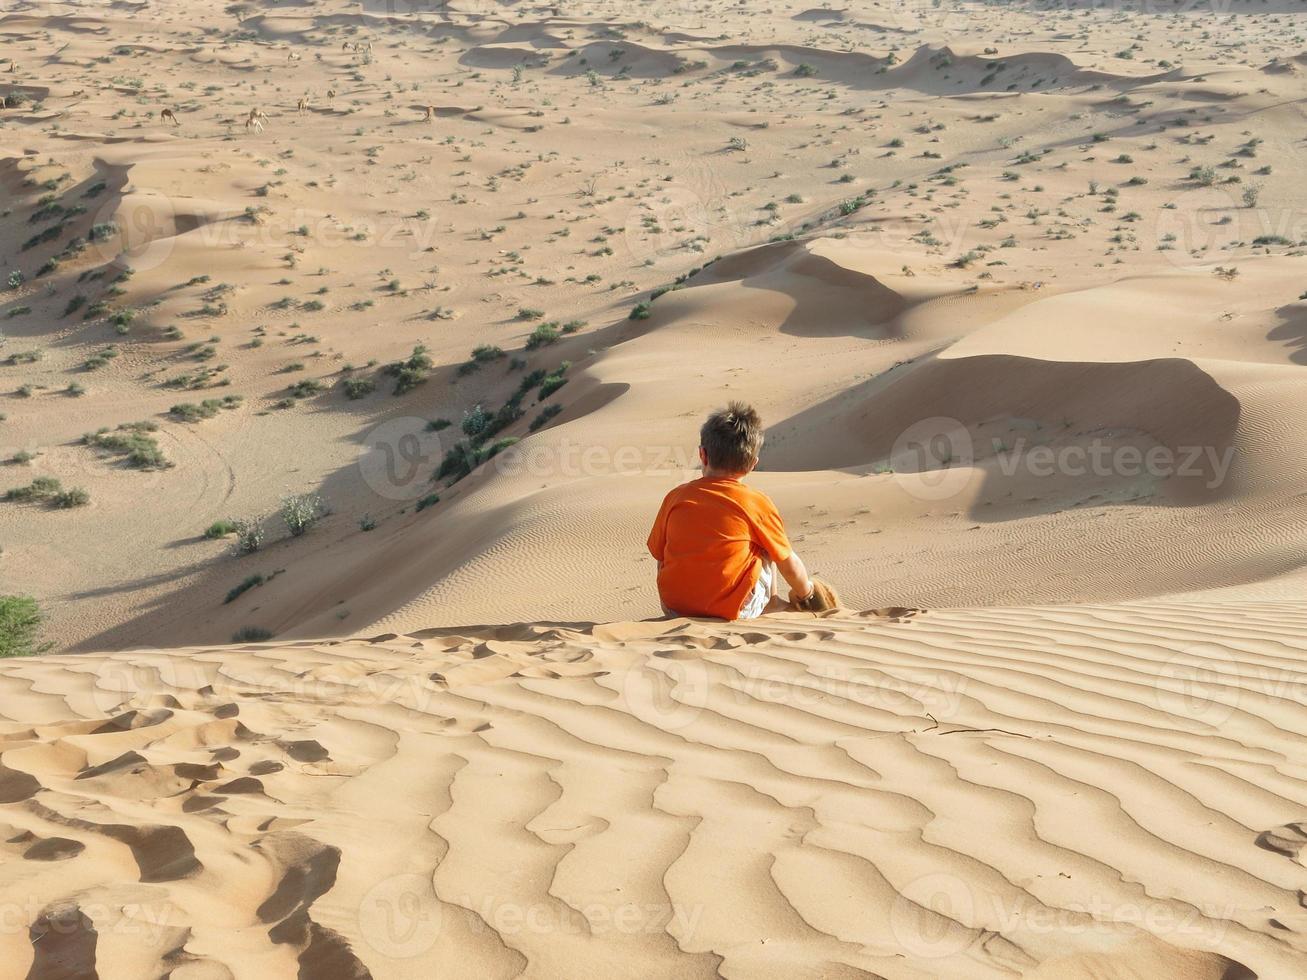 Kaukasische jongen zittend op uitzicht op de duin achteraanzicht foto